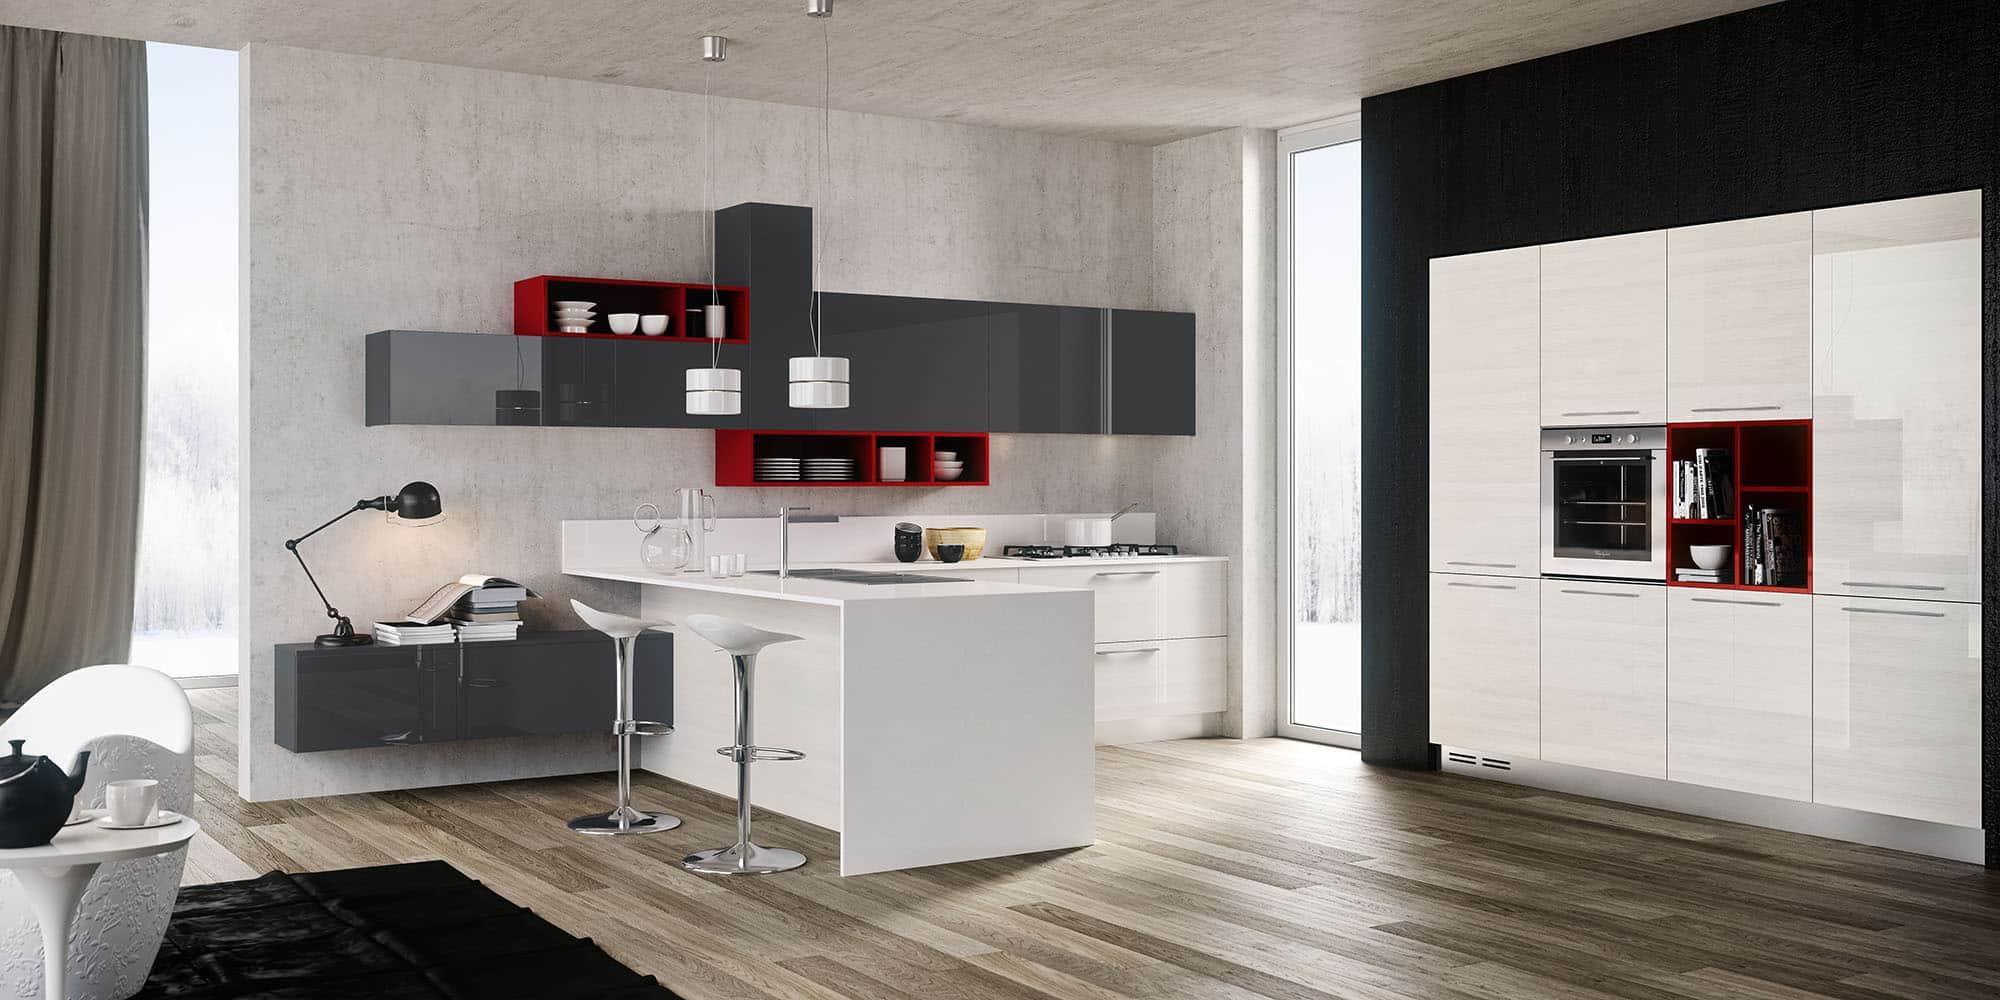 Concept Cucina Moderna Con Isola E Mobili Wenge Interior Design : Idee cucina moderna originali per arredare una